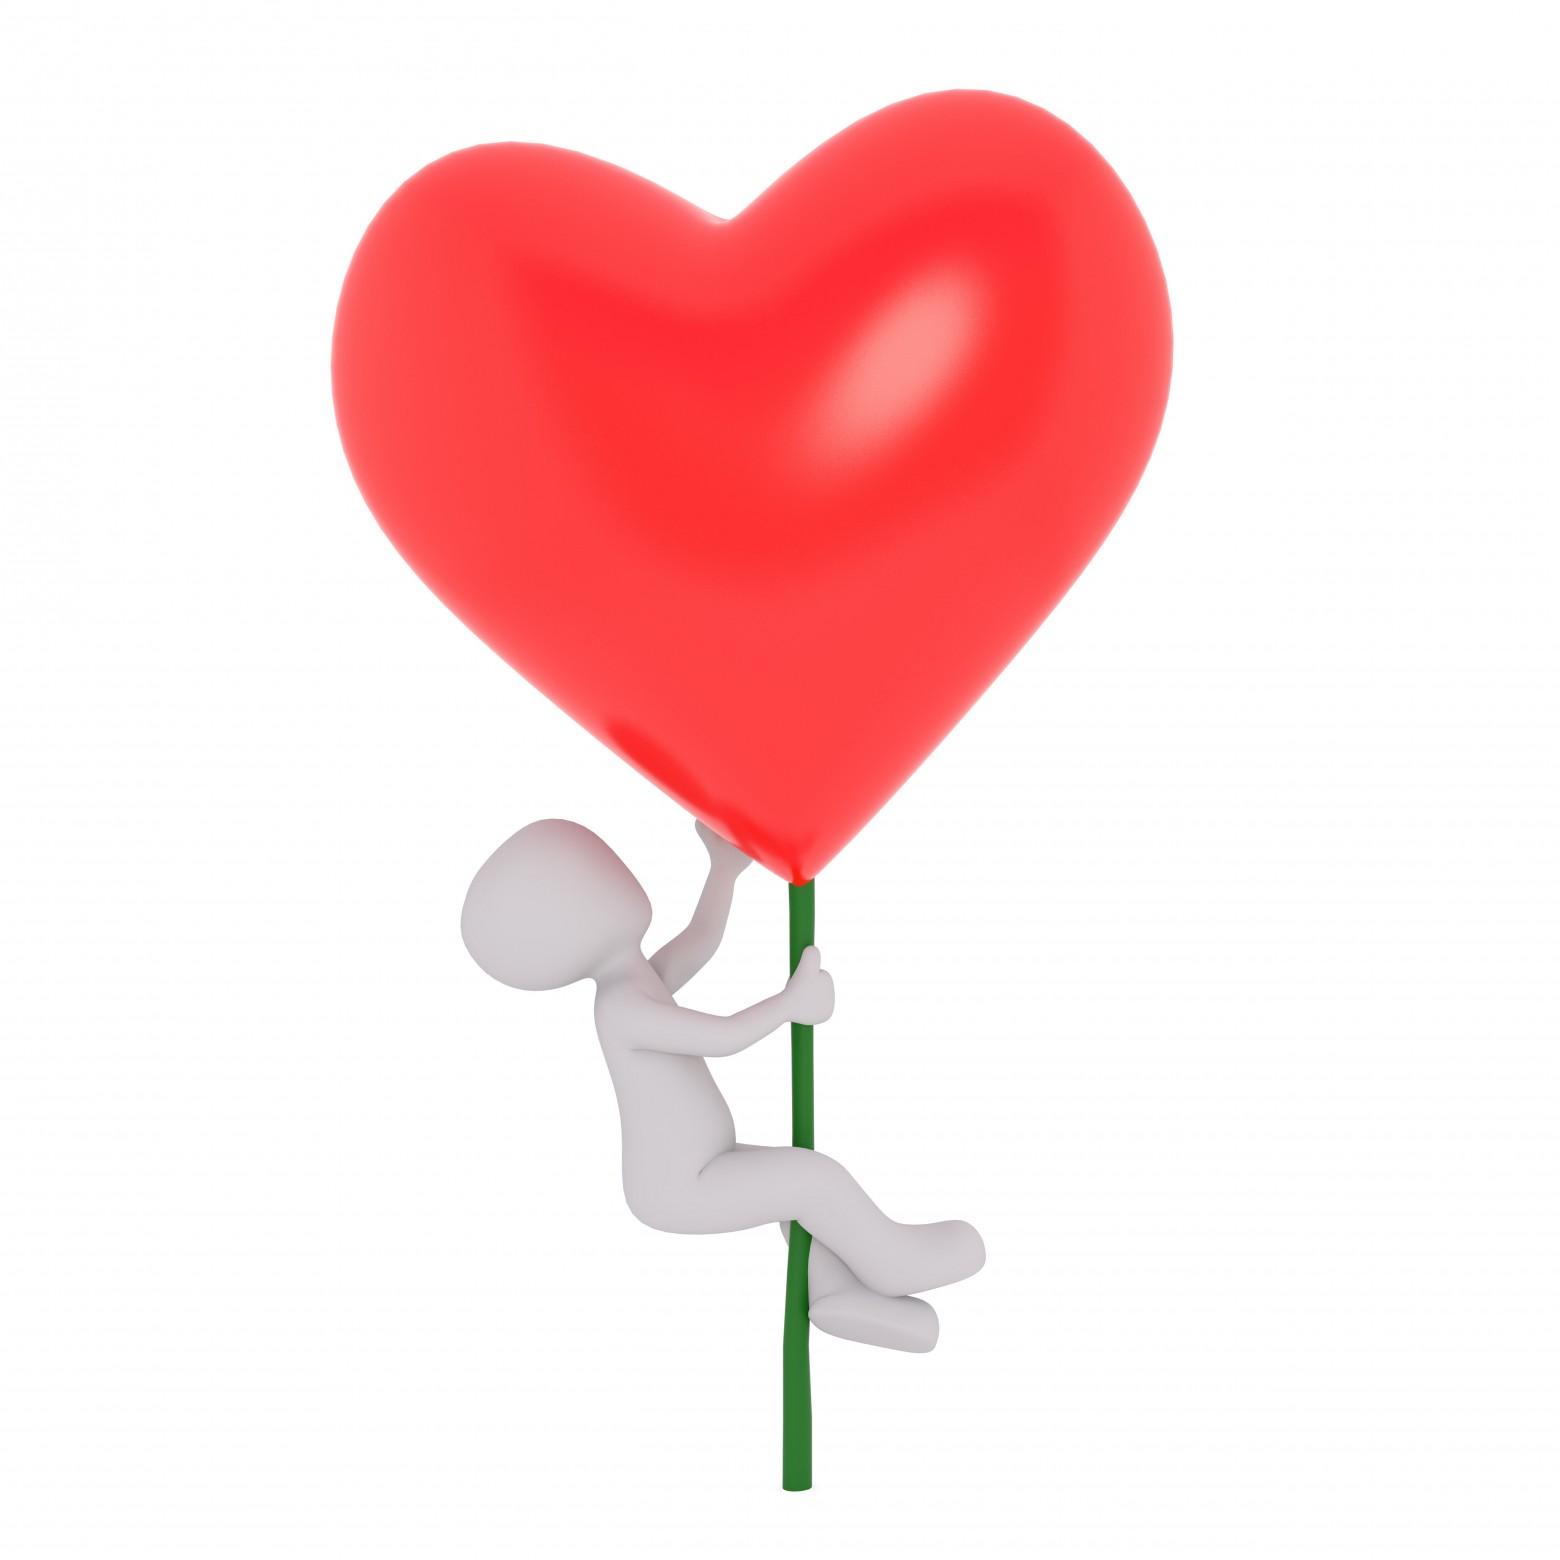 Bonhomme Blanc 3d Amour Coeur Rouge Images Gratuites Et